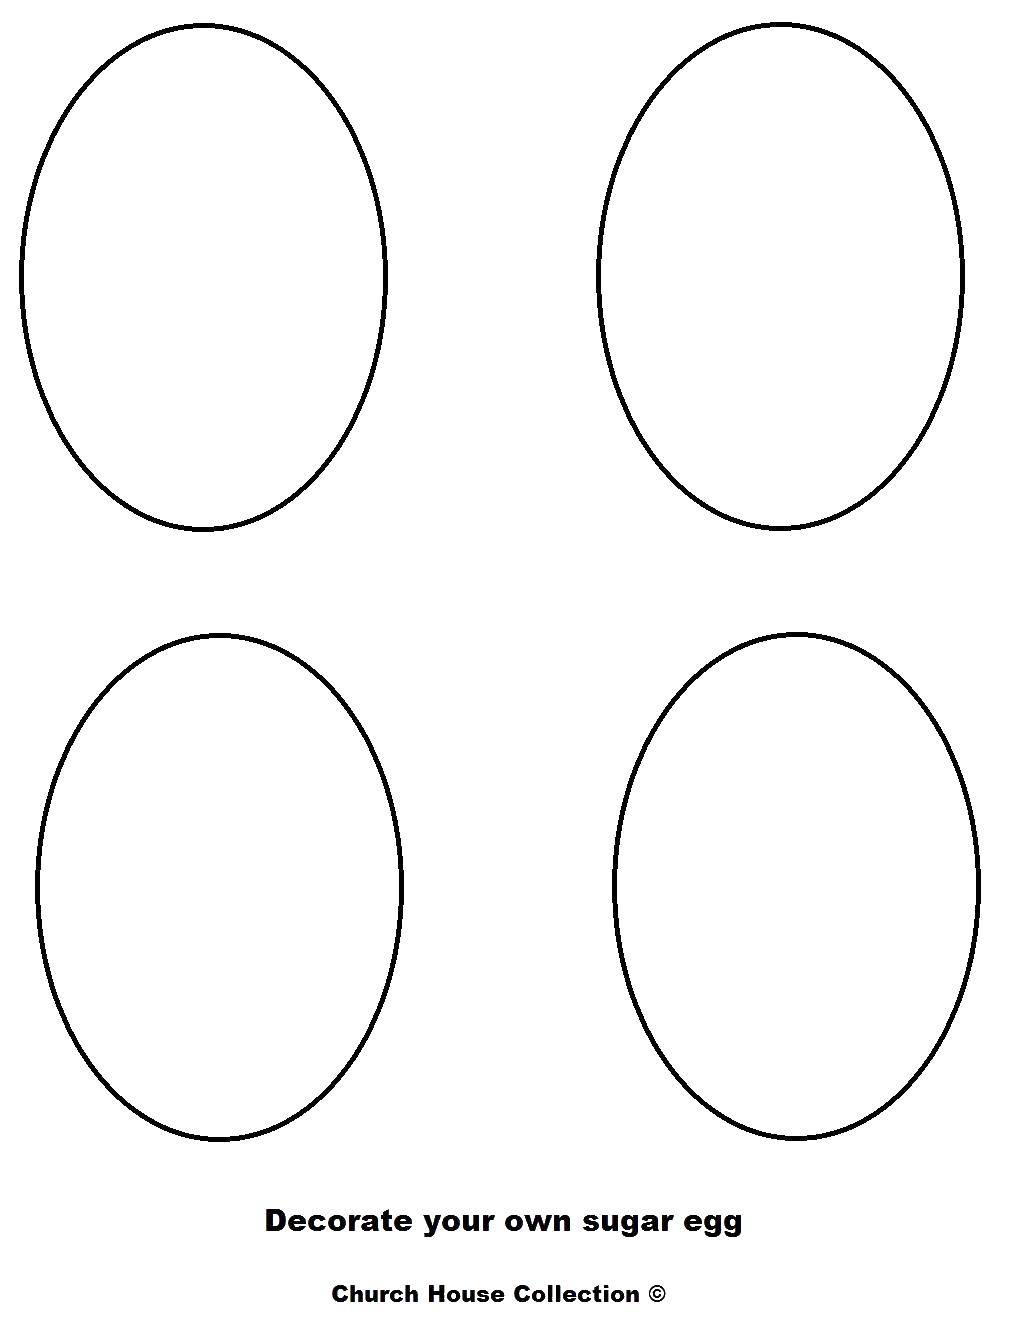 Раскраска Узоры для раскрашивания яиц Скачать ,шаблоны, контуры, яйца,.  Распечатать